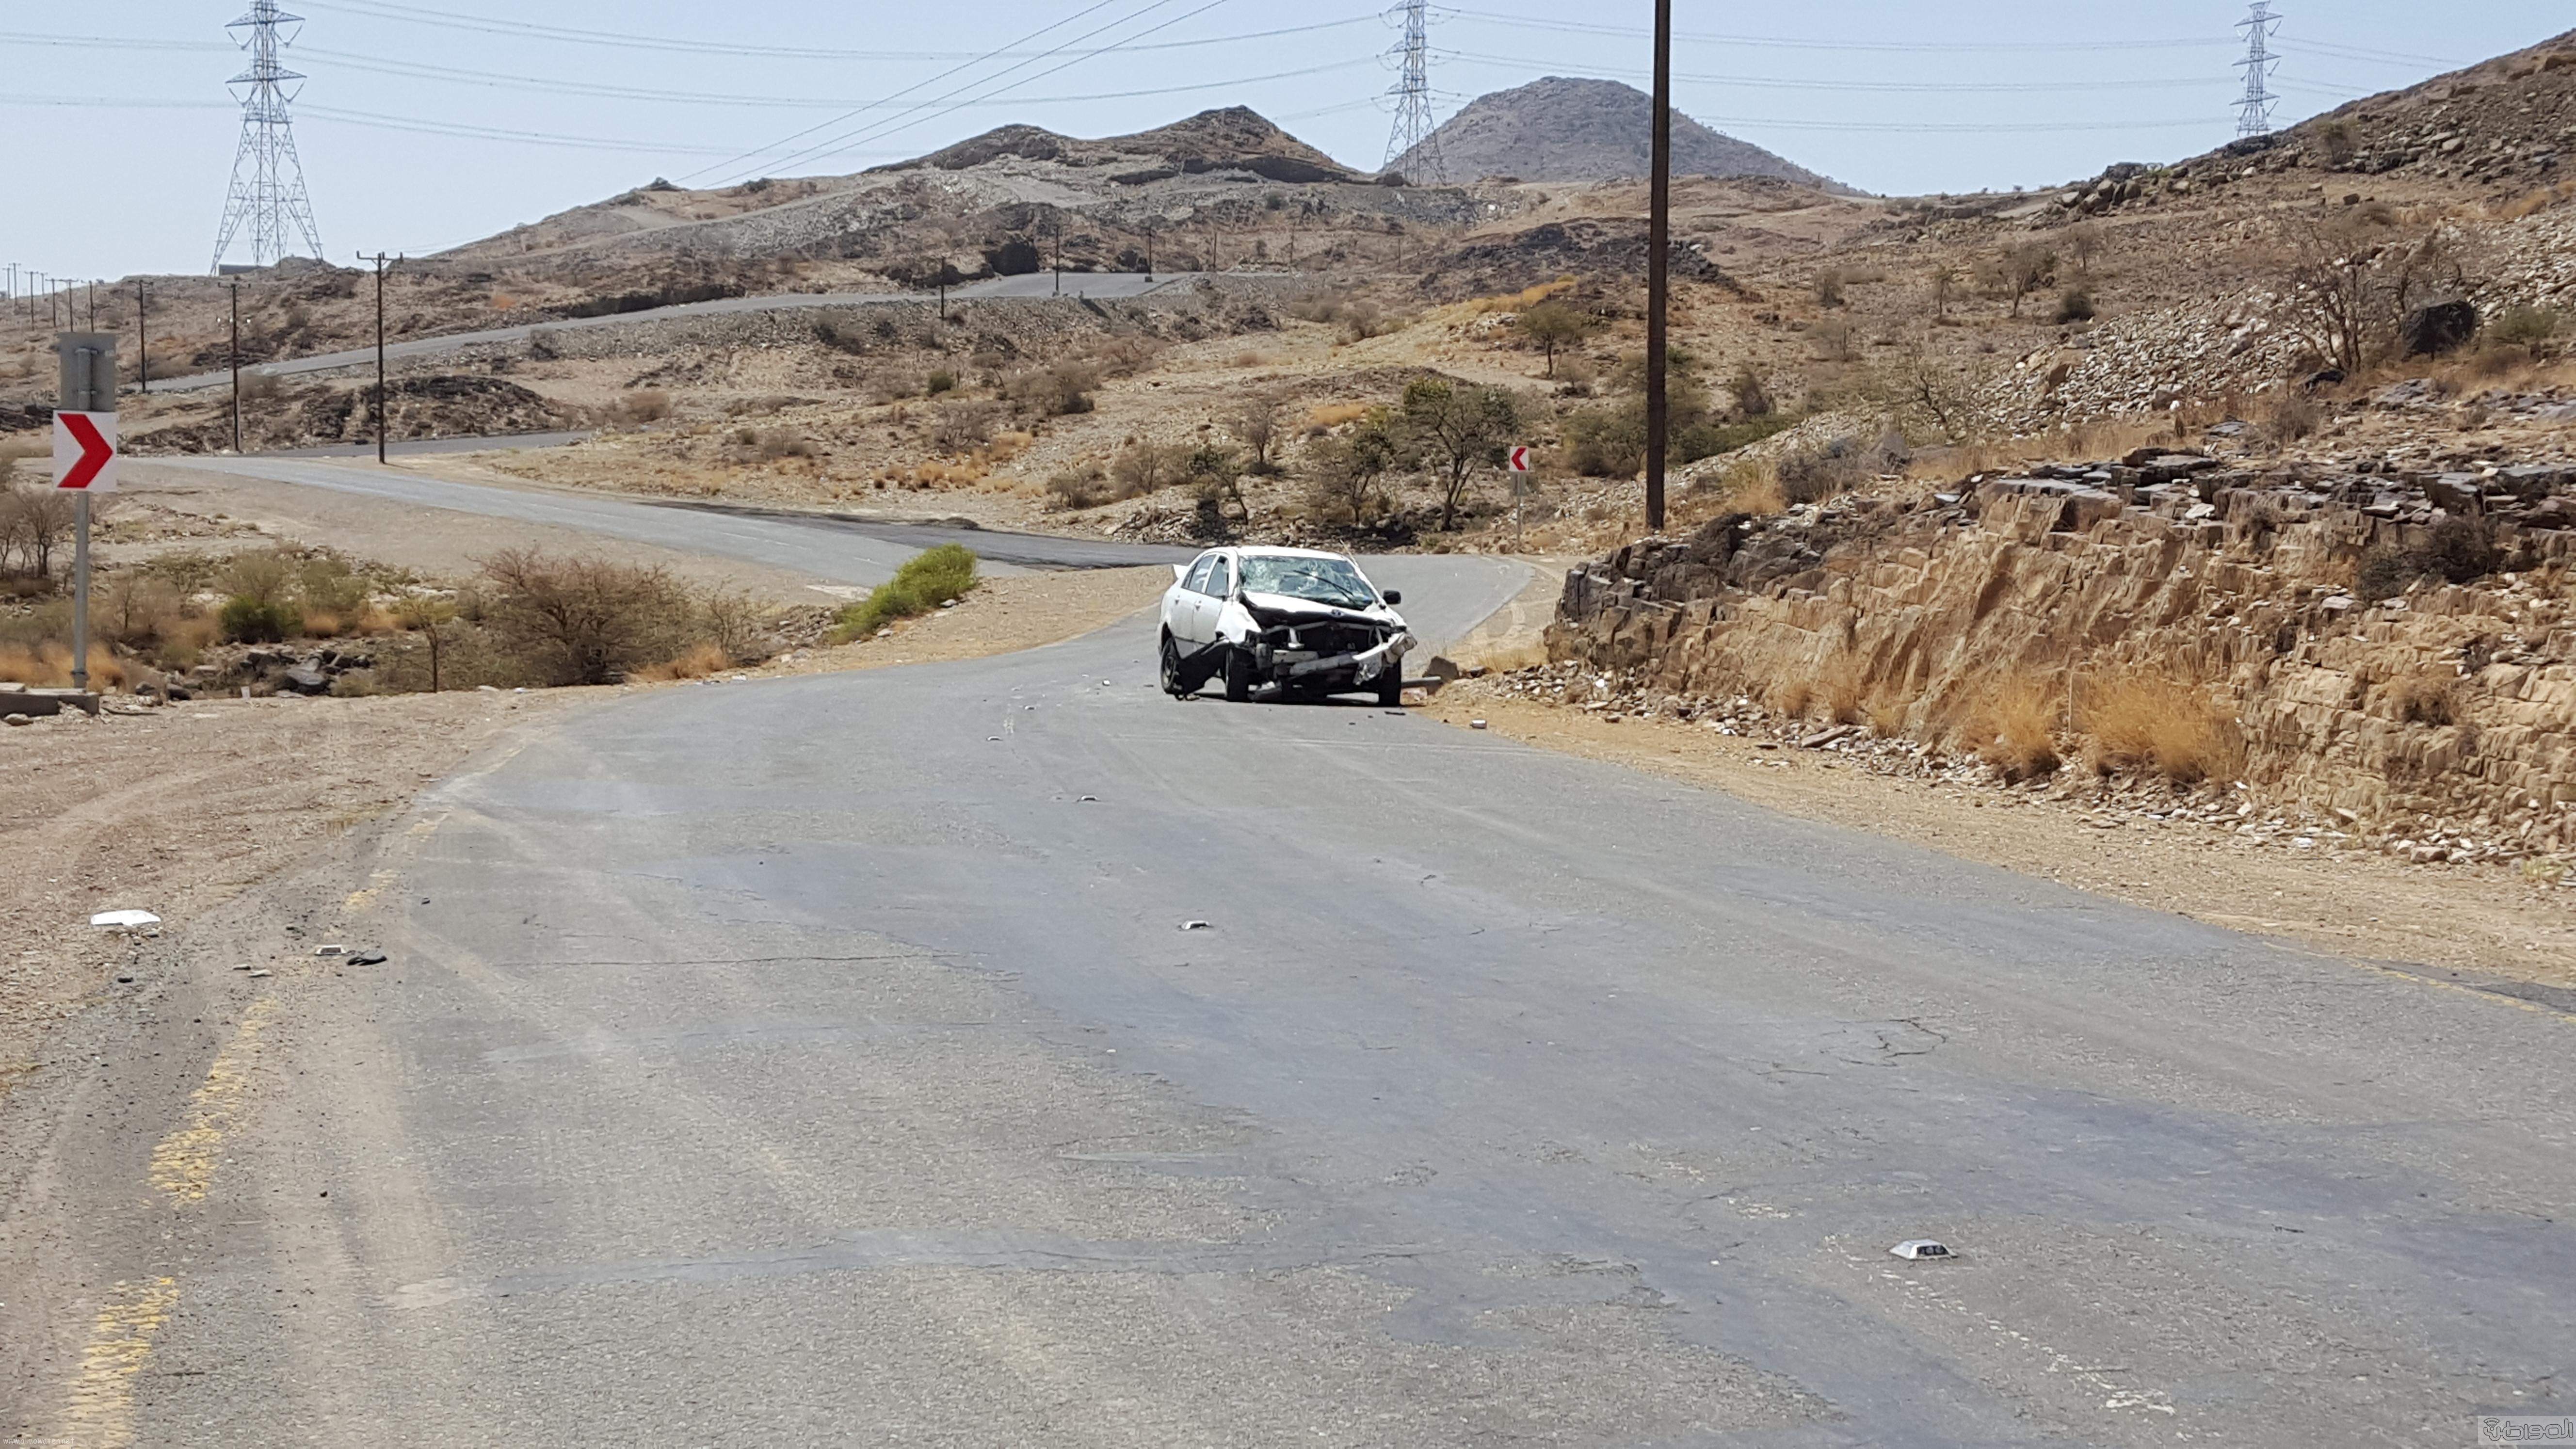 حادث مروري  بطريق ال يوسف ذم سنون بمدينة ابها  (2)